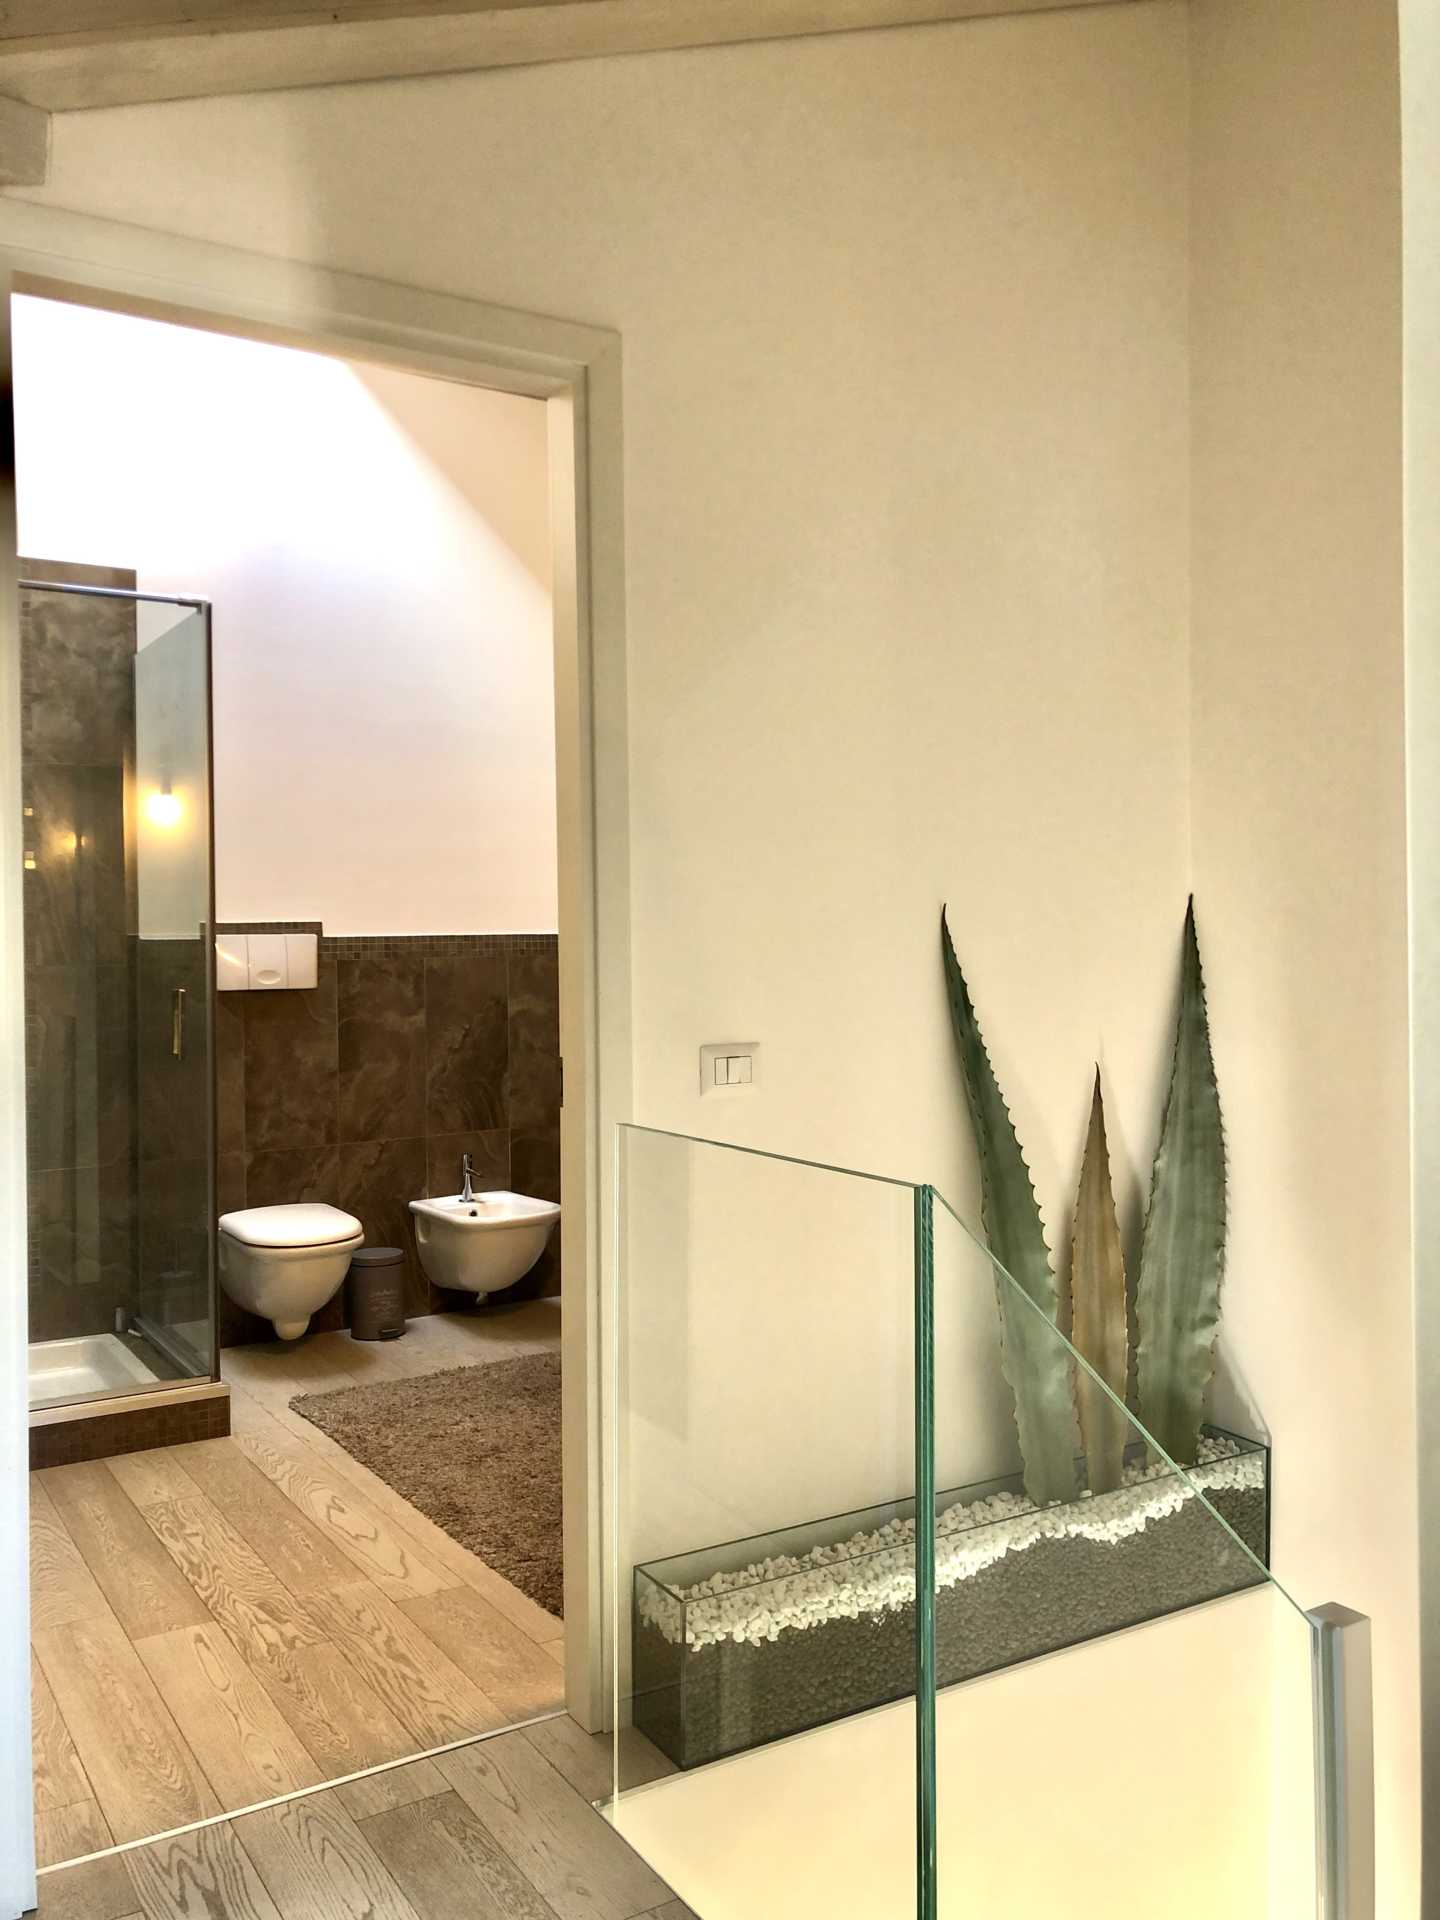 Appartamento in vendita di design casaestyle (1)